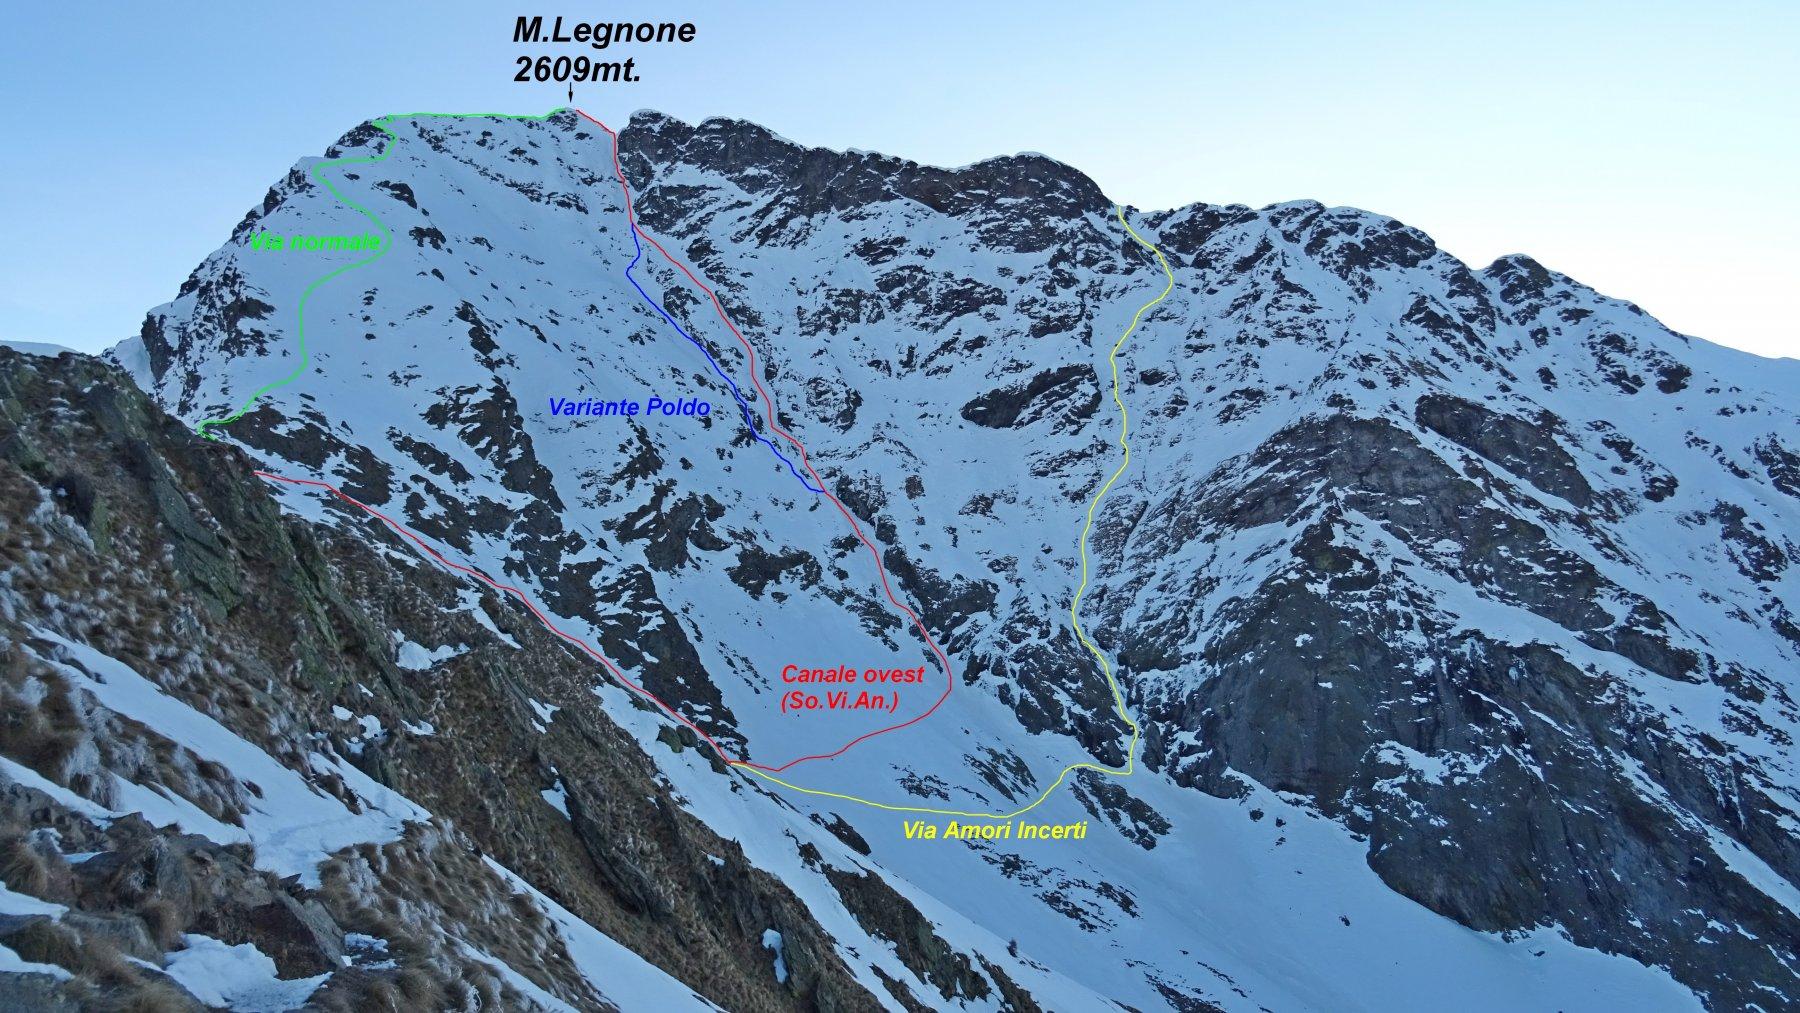 Versante sud-ovest del M.Legnone e le varie vie di salita.